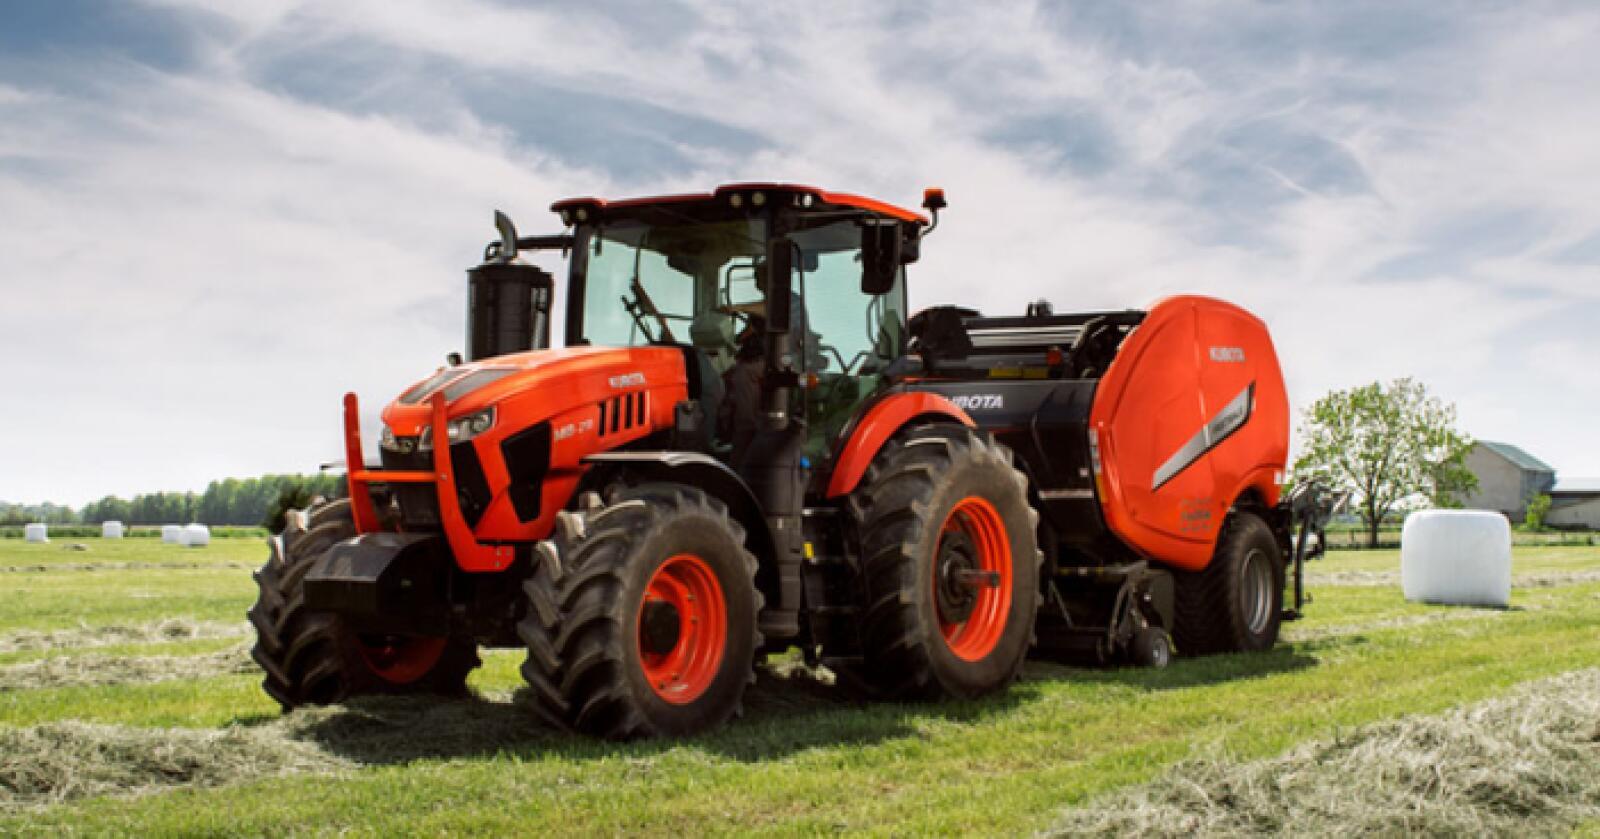 Kubotas nye M8-serie leveres i to modeller på 190 - og 210 hestekrefter. (Foto: produsenten)